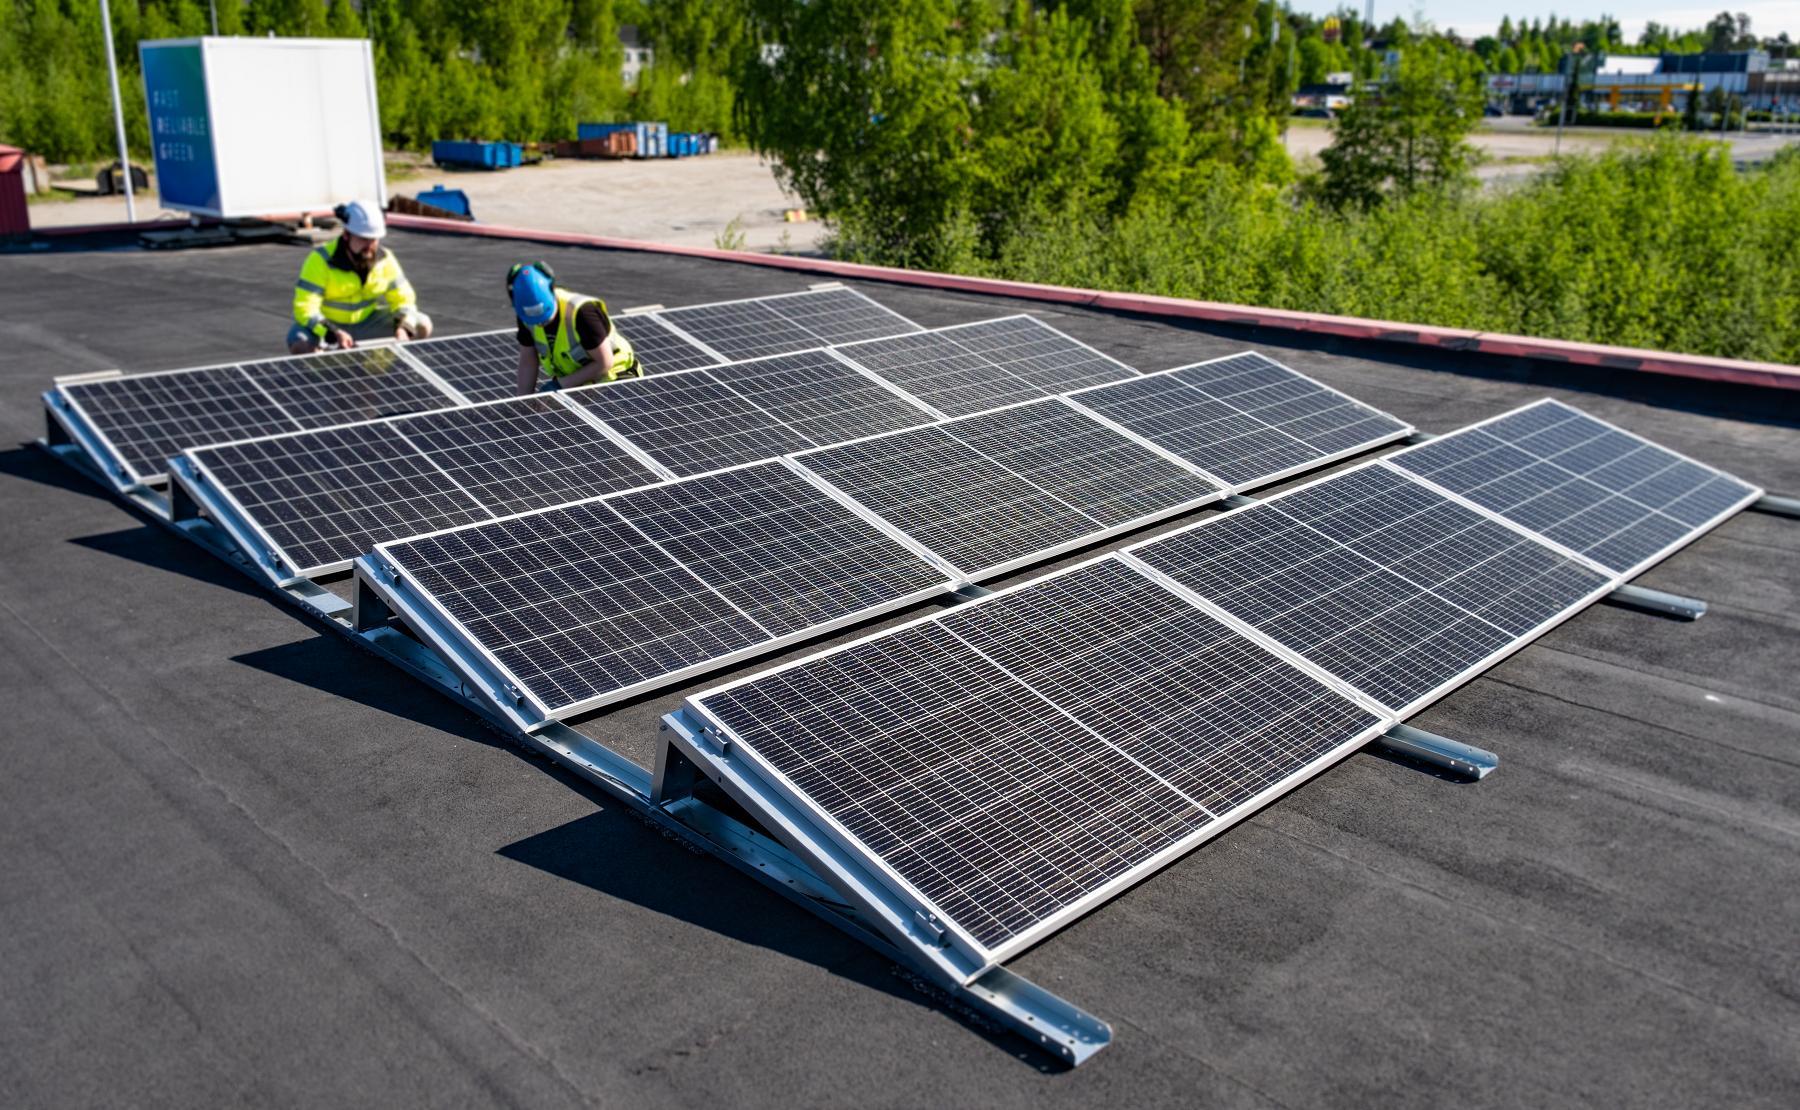 Aurinkosähkö aurinkovoimala aurinkoenergia